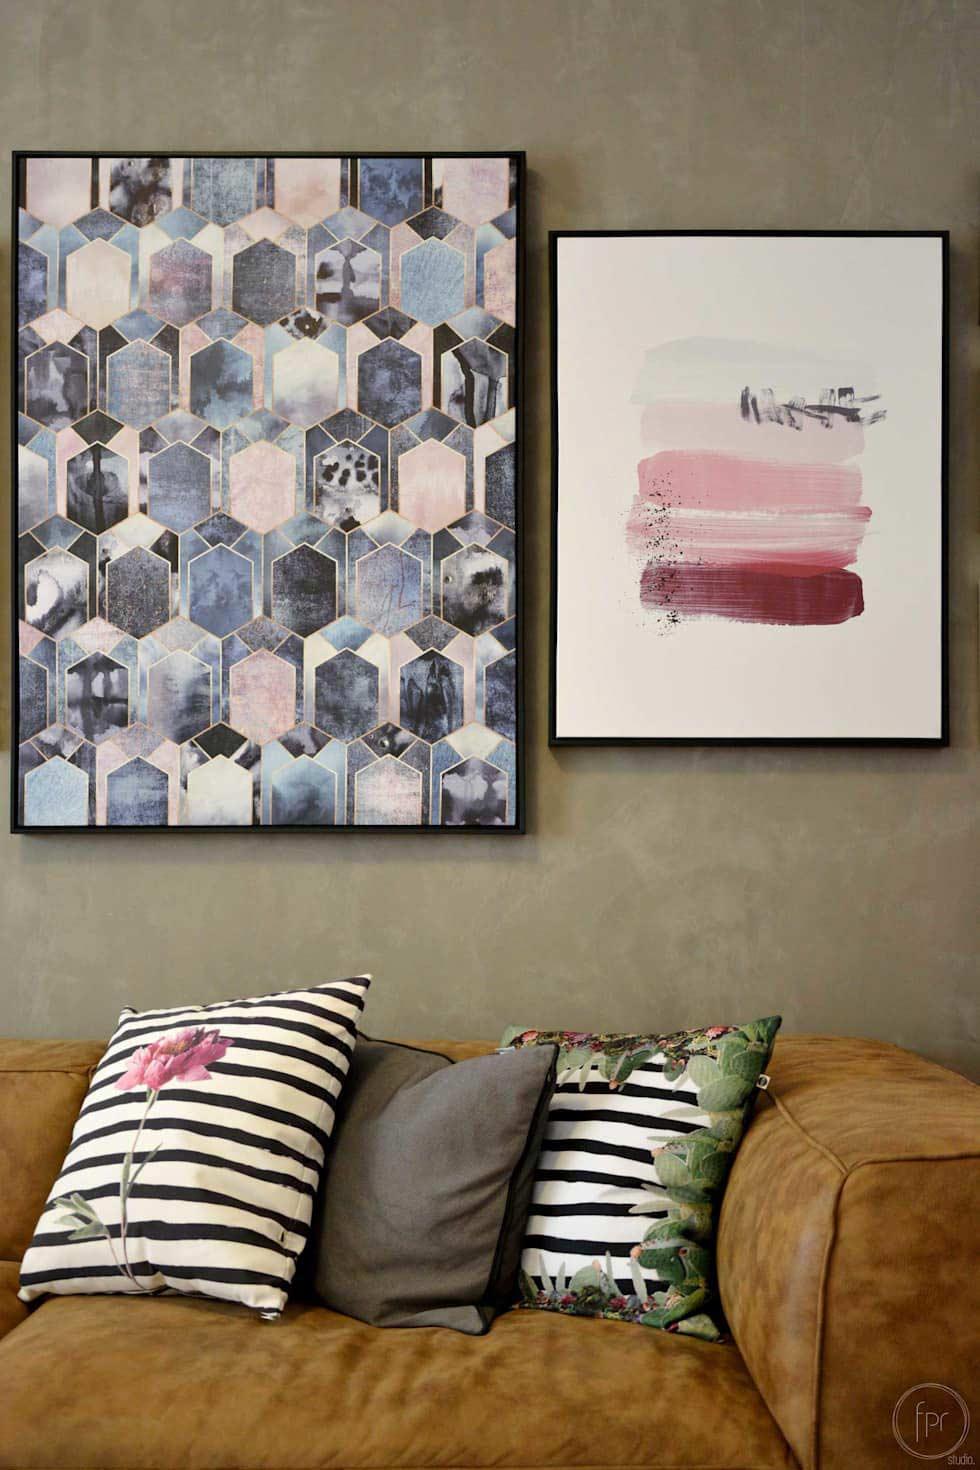 Ambiente feminino e delicado com quadros decorativos